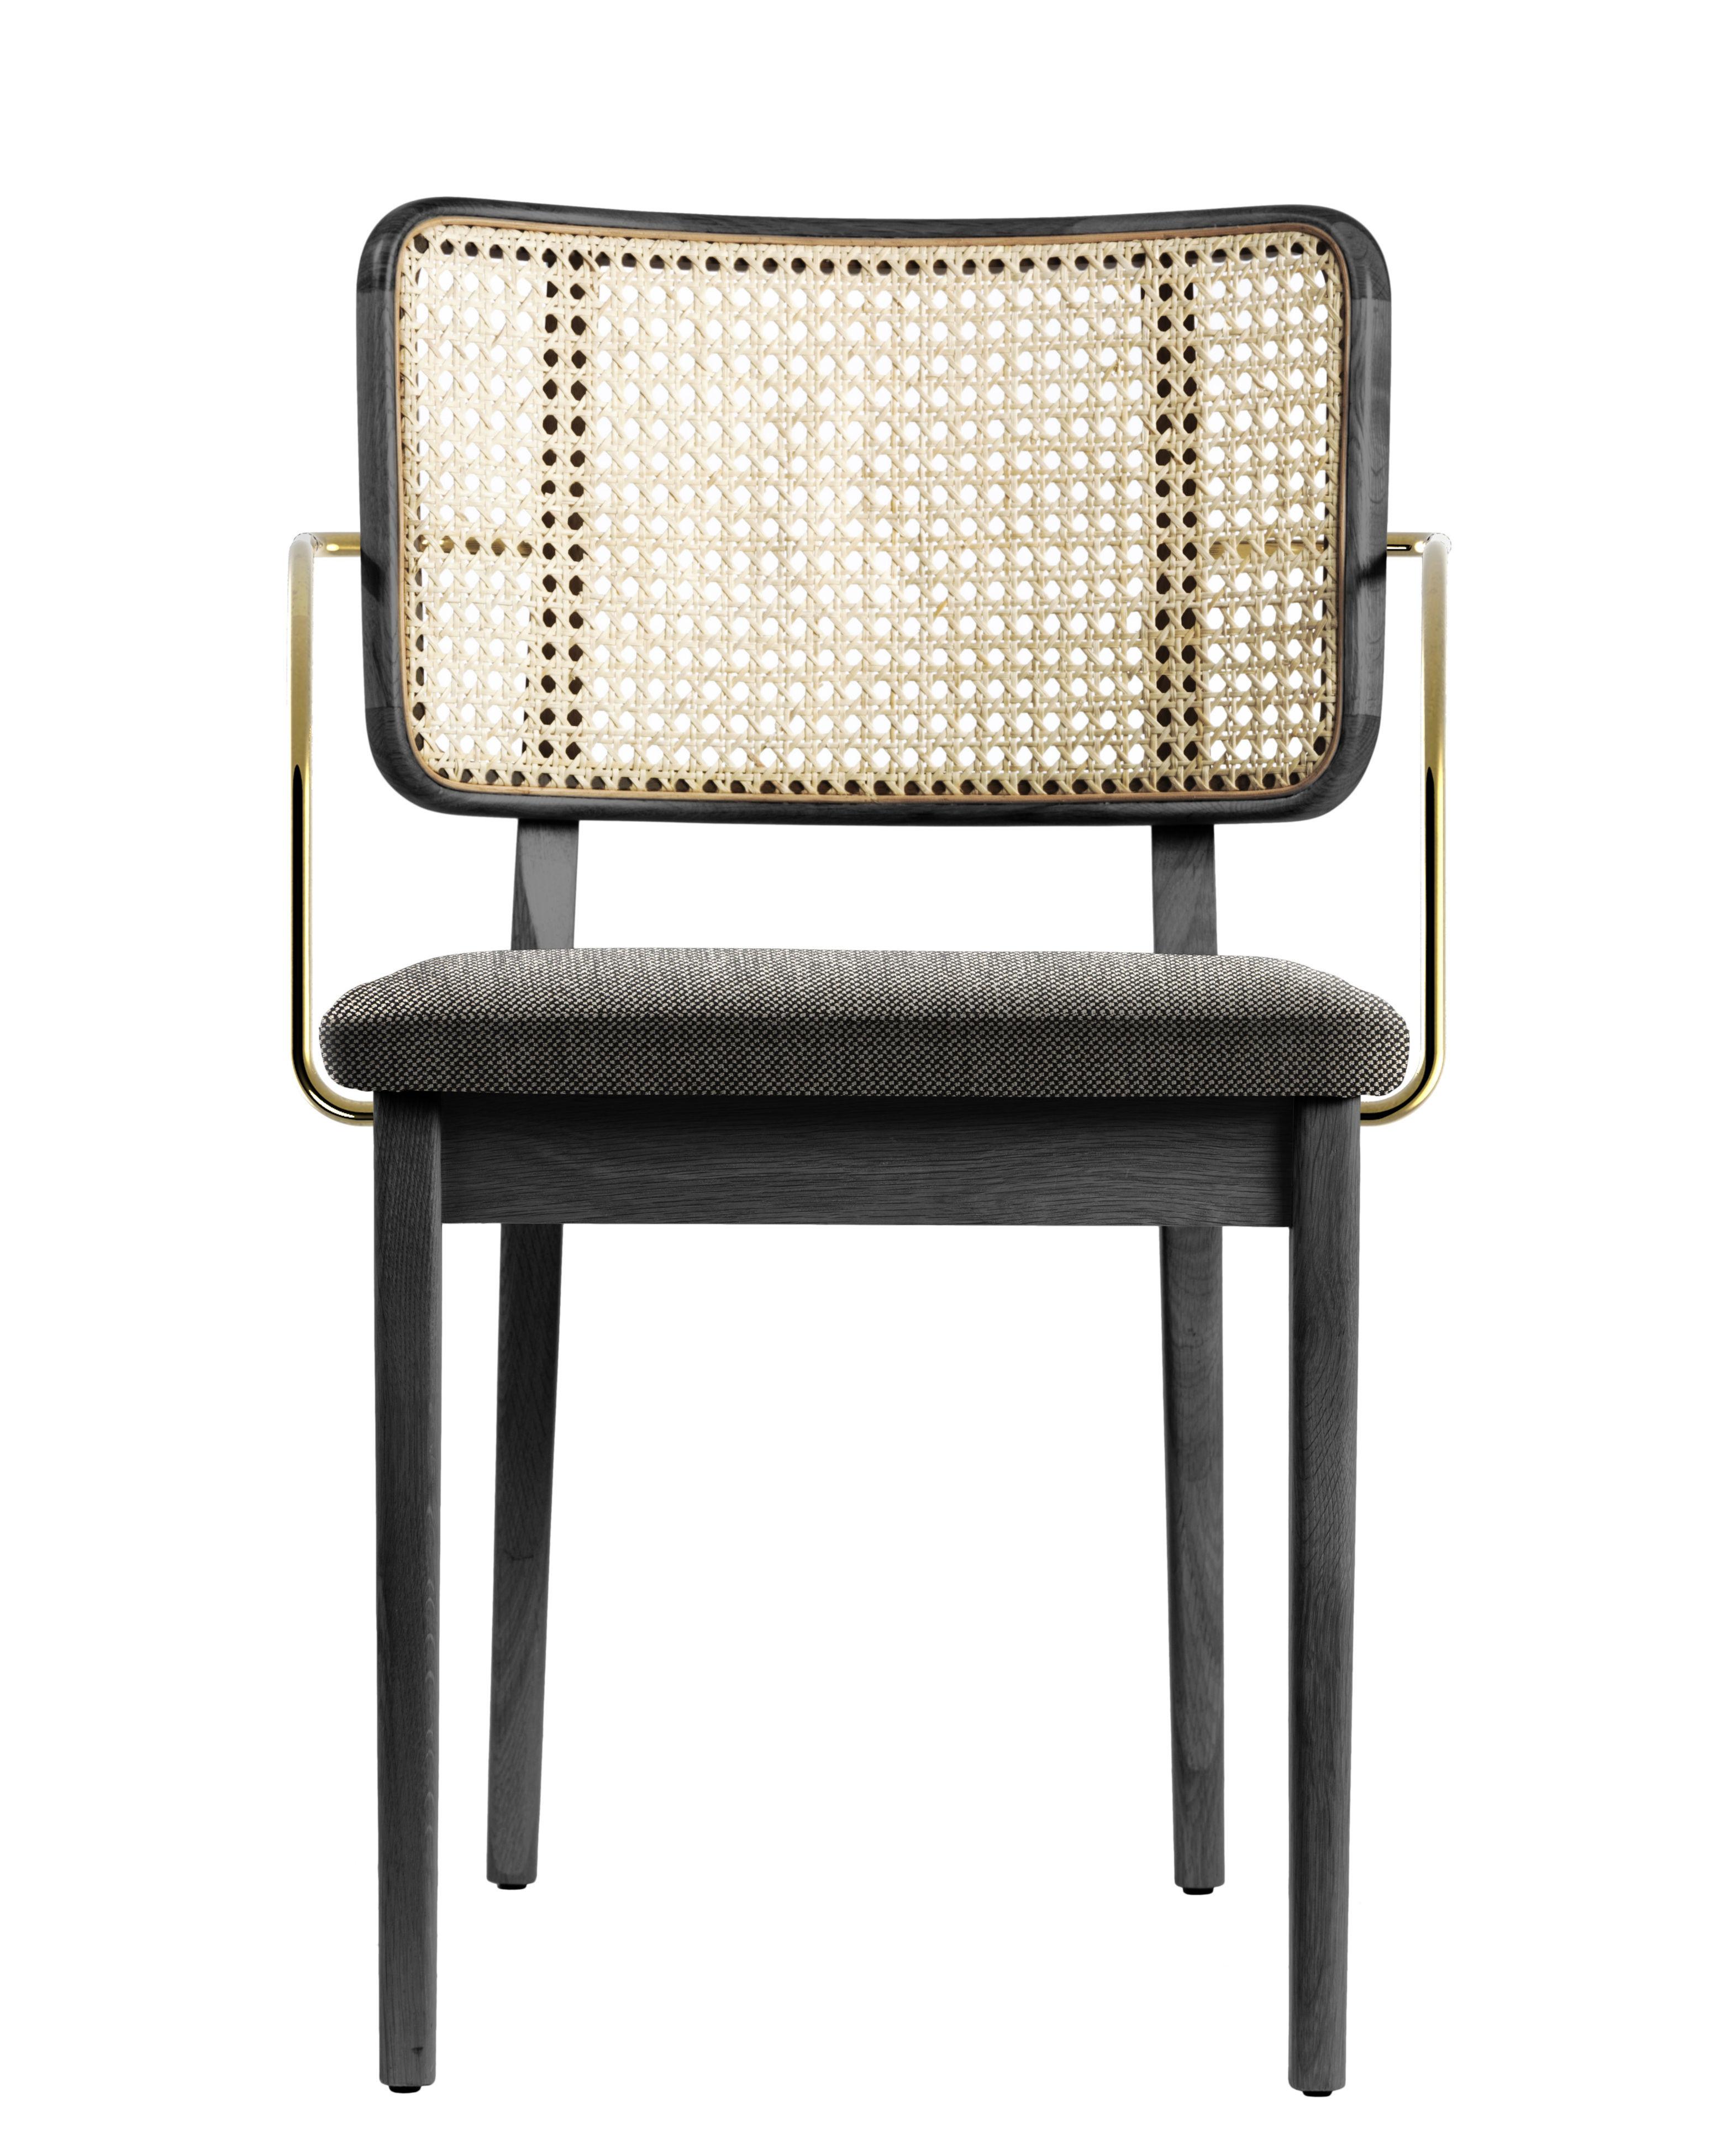 Mobilier - Chaises, fauteuils de salle à manger - Fauteuil bridge Cannage / Tissu - RED Edition - Beige Caviar / Naturel & laiton - Chêne massif teinté, Coton, Laiton, Mousse, Rotin